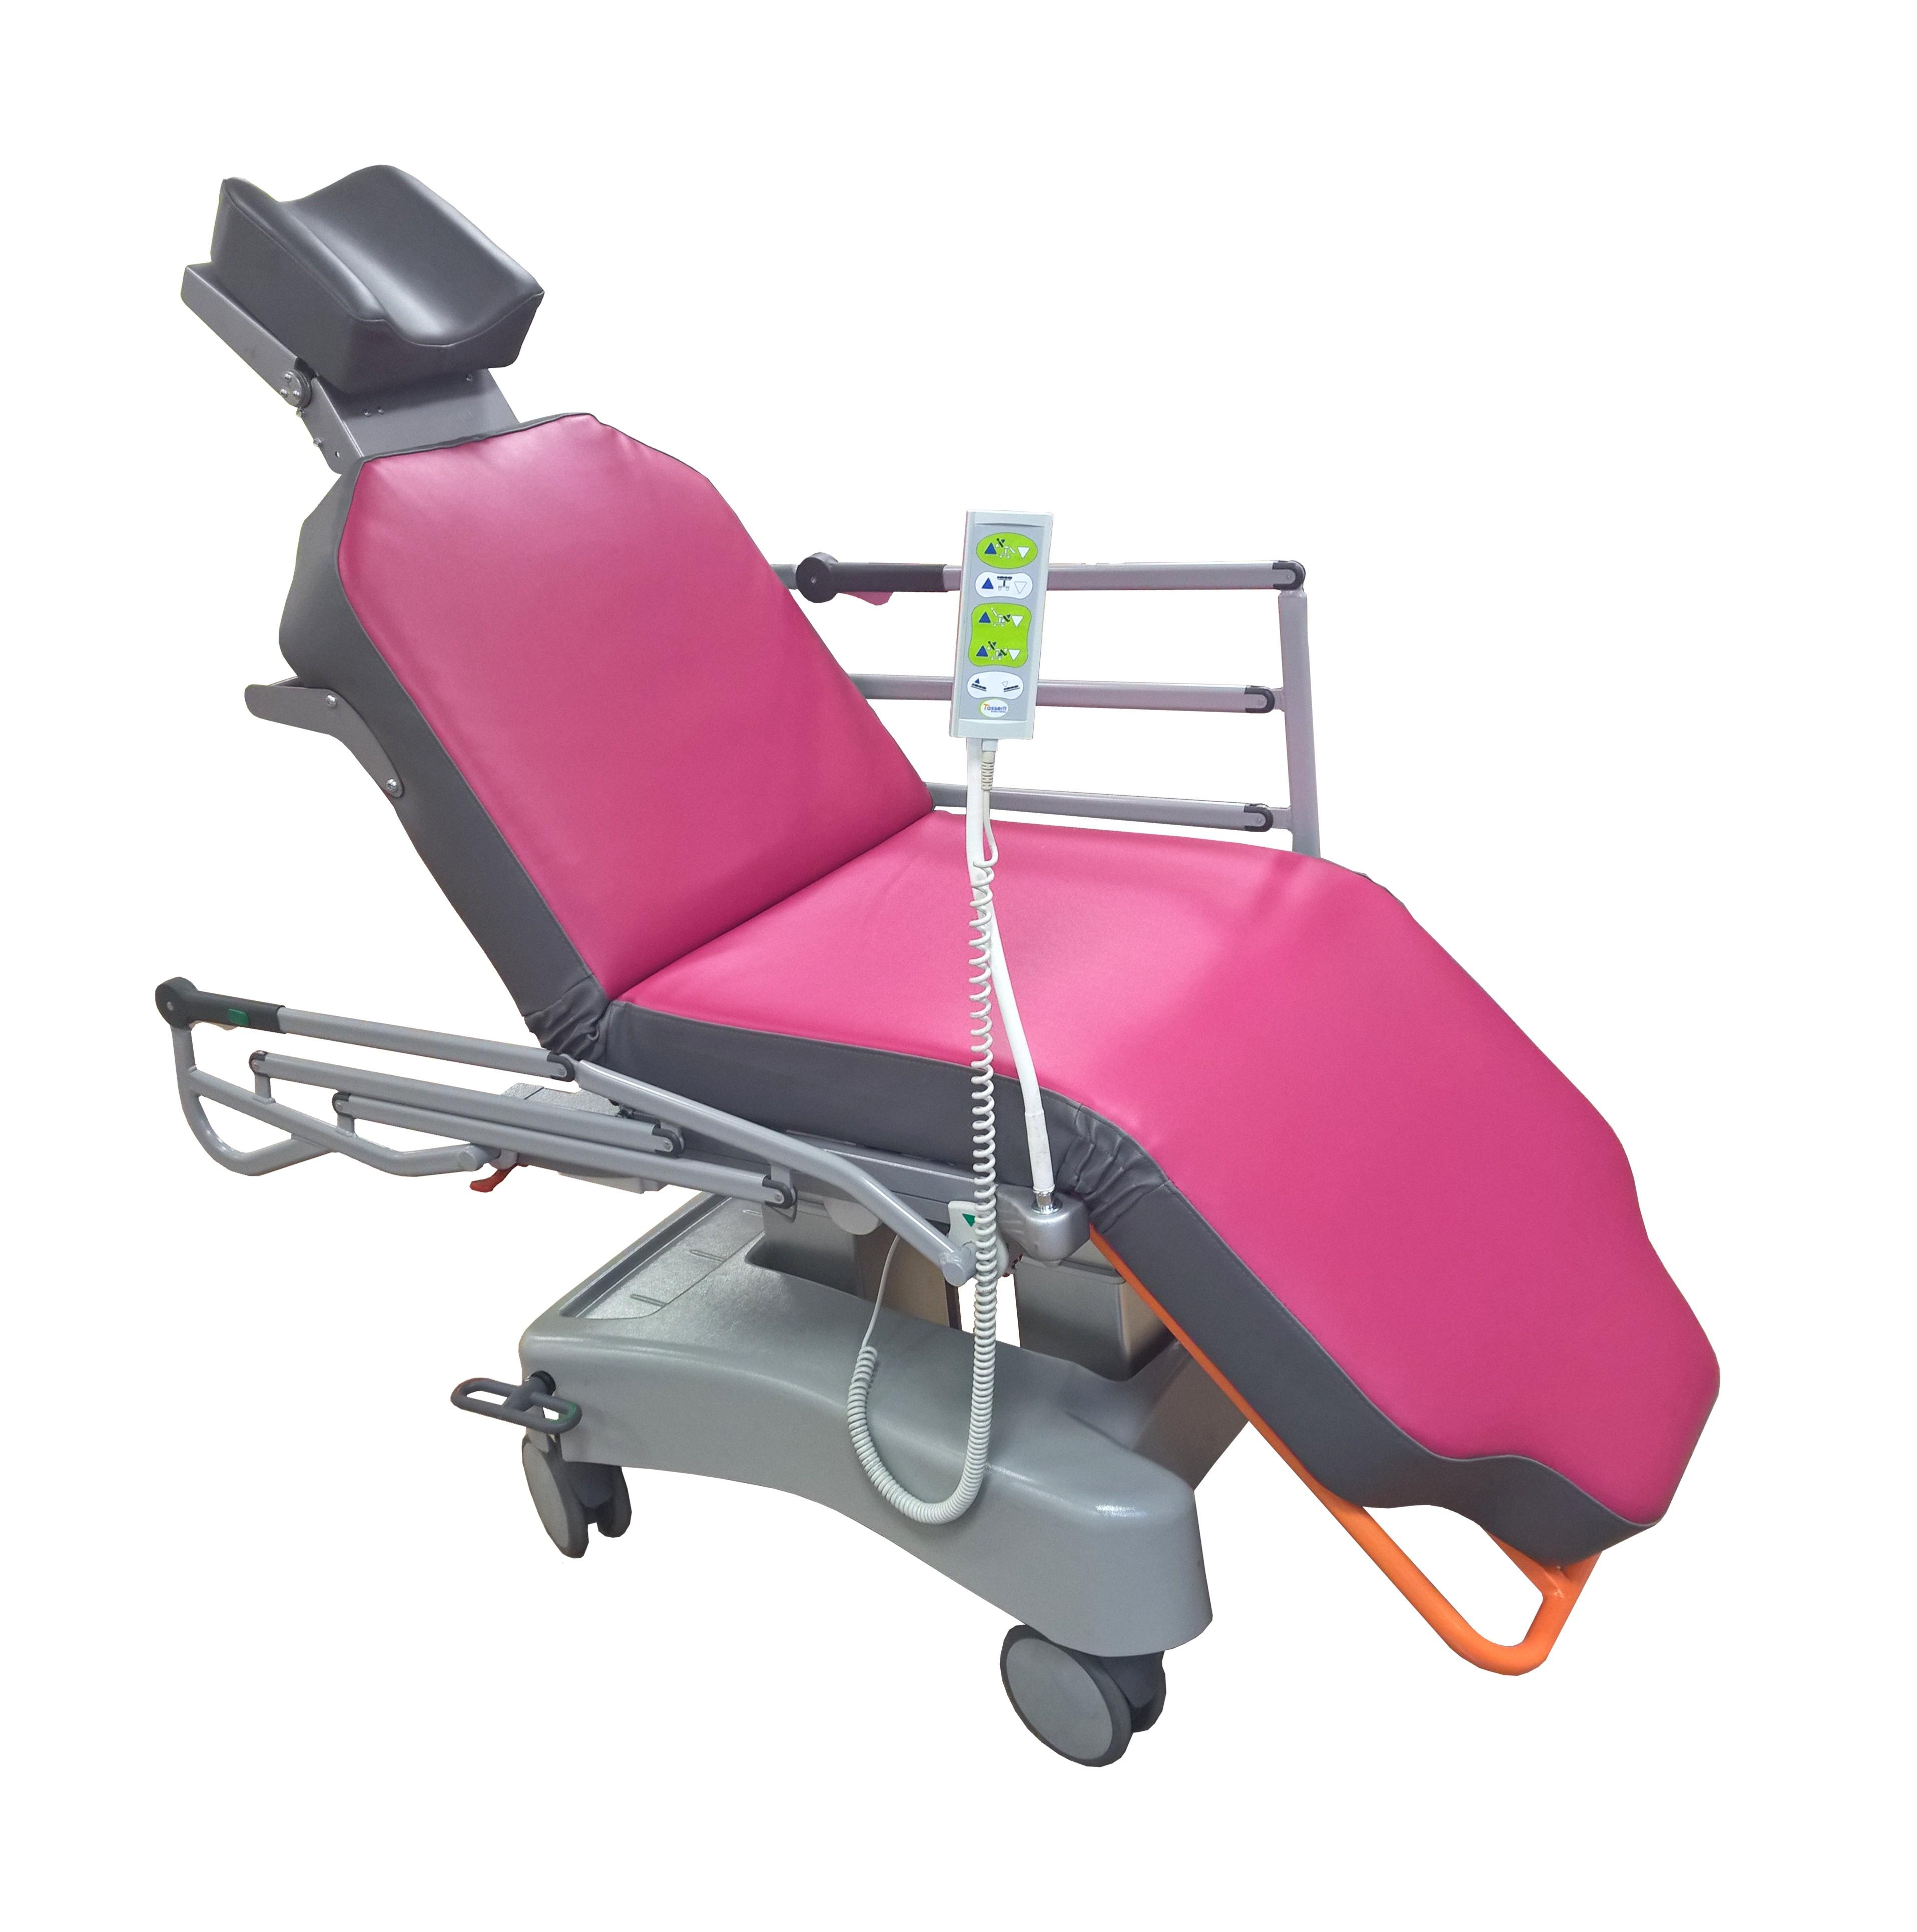 fauteuil de chirurgie pour service ophtalmologie marque. Black Bedroom Furniture Sets. Home Design Ideas